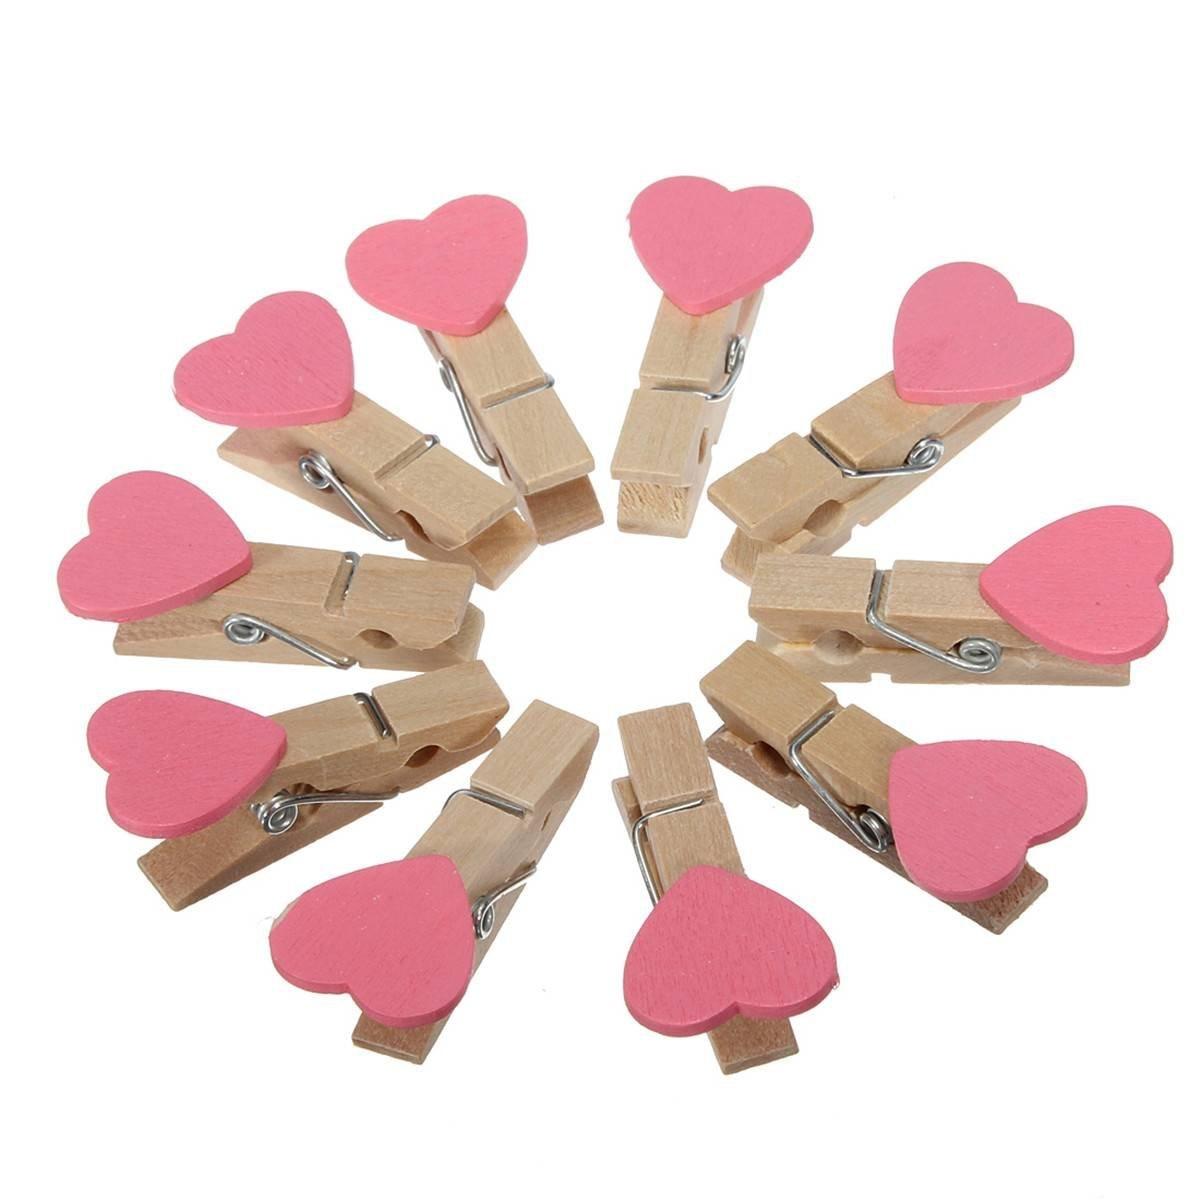 10 шт (50 шт. 3.5 см Мини Сердце деревянная прищепка для Фотобумага деревянные украшения дома Развлечения Творческий Розовый